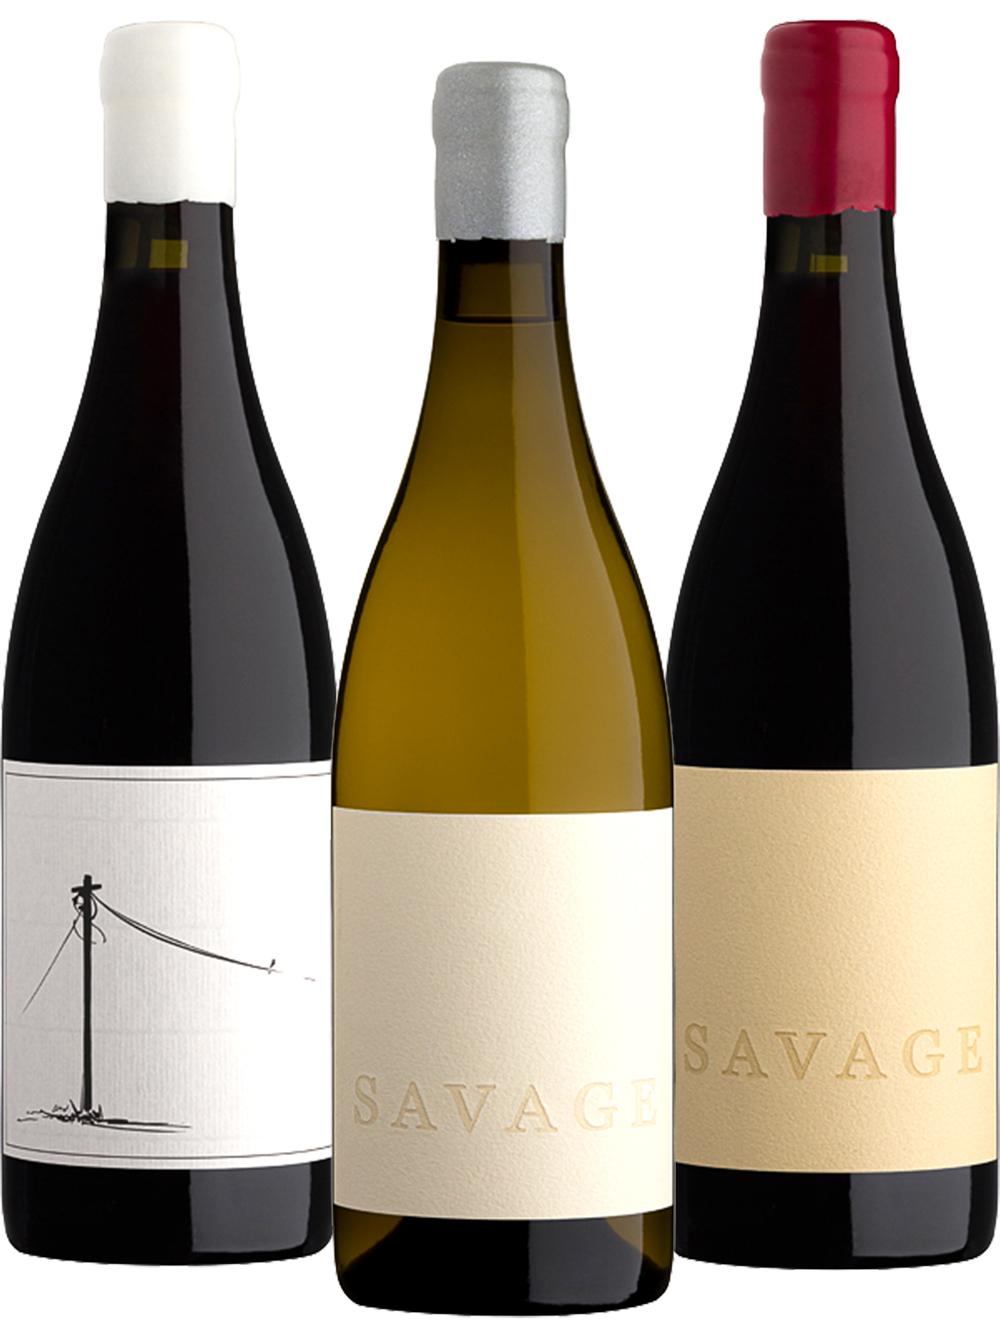 Ontdek de wijnen van Duncan Savage